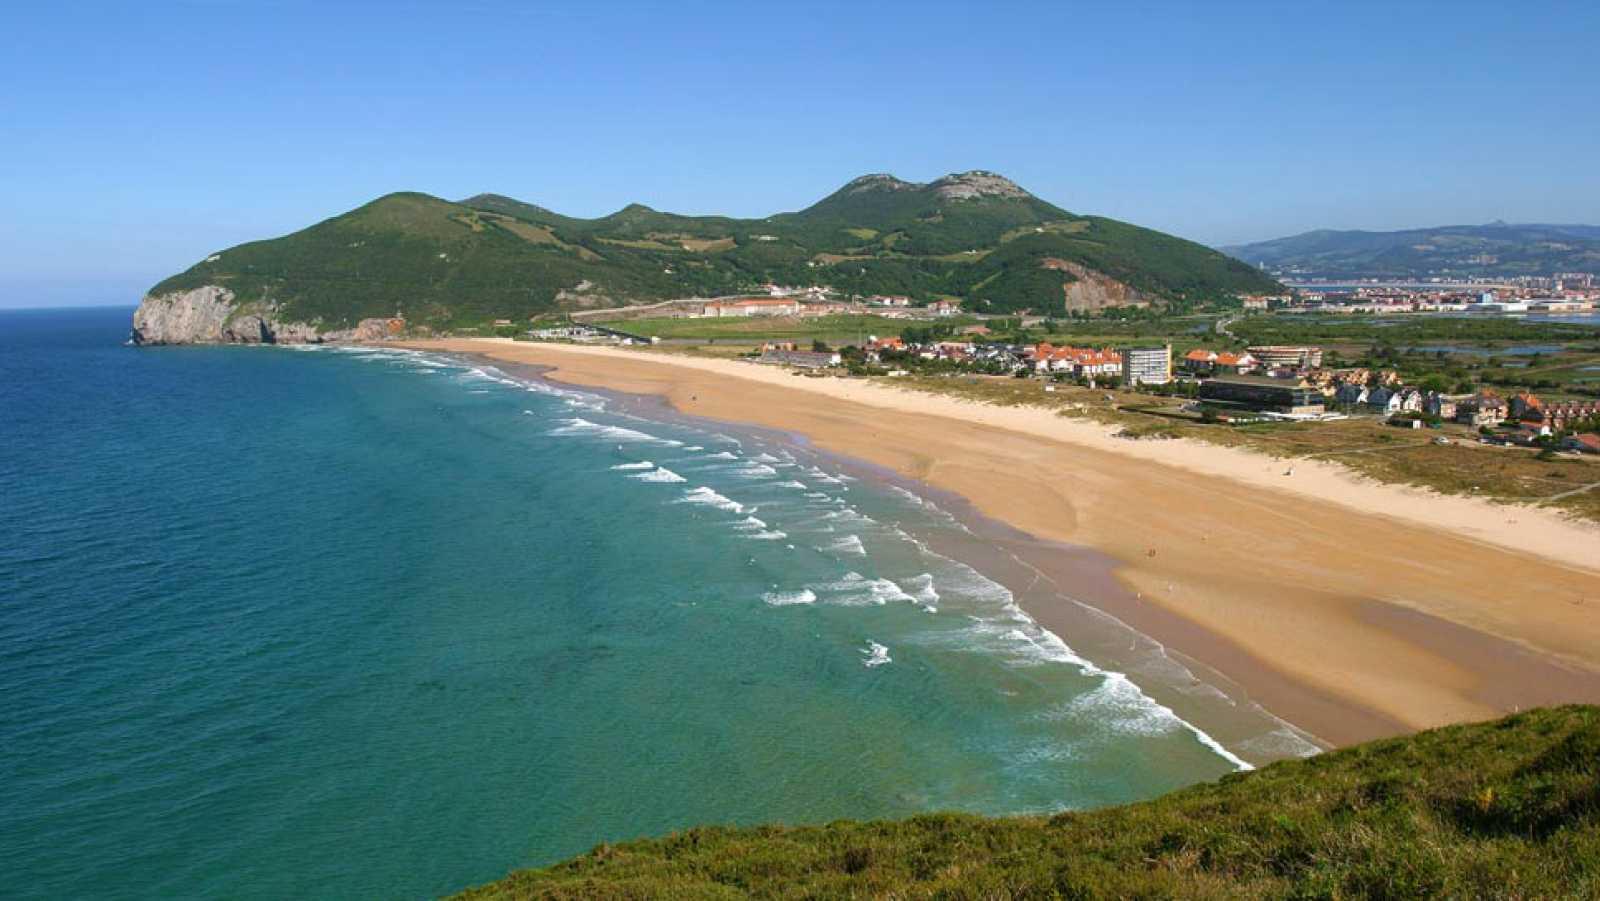 Españoles en la mar - Arenales costeros, proyecto Arcos - 16/09/15 - Escuchar ahora